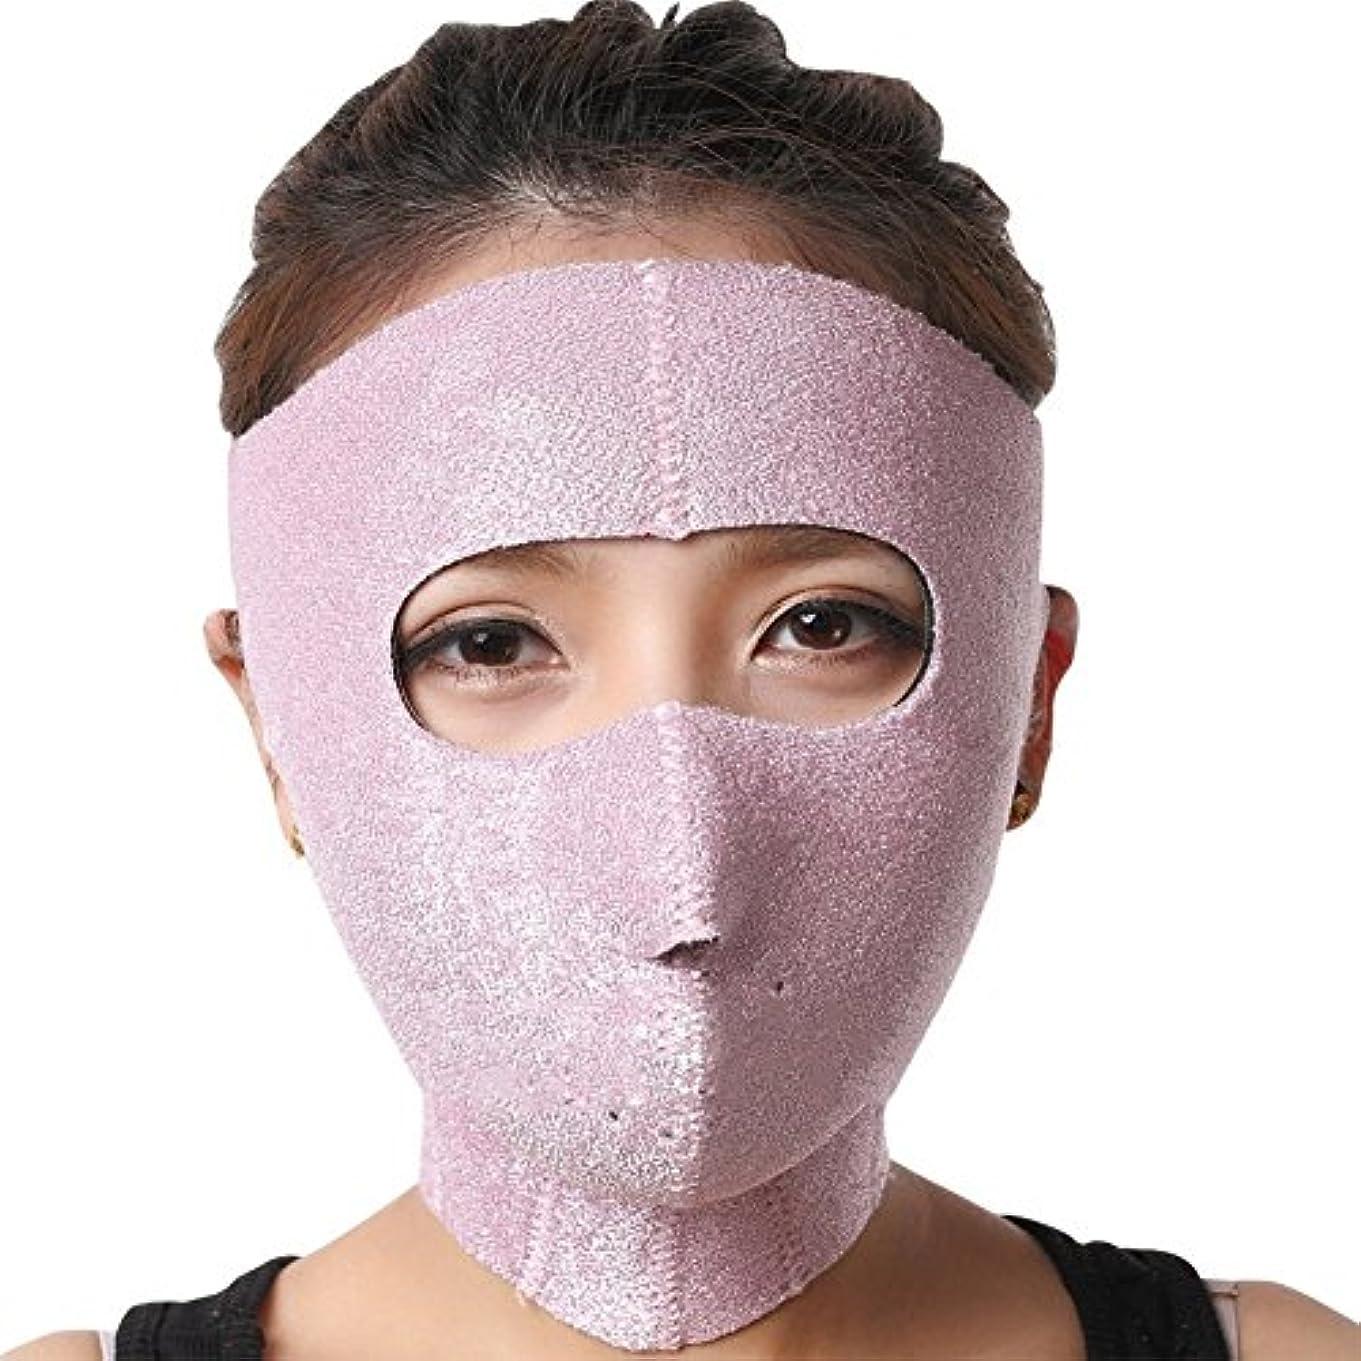 からに変化する分泌するせっかち汗だくマスク 小顔 サウナ マスク 汗 発汗 フェイス 顔 TEC-KONARUD